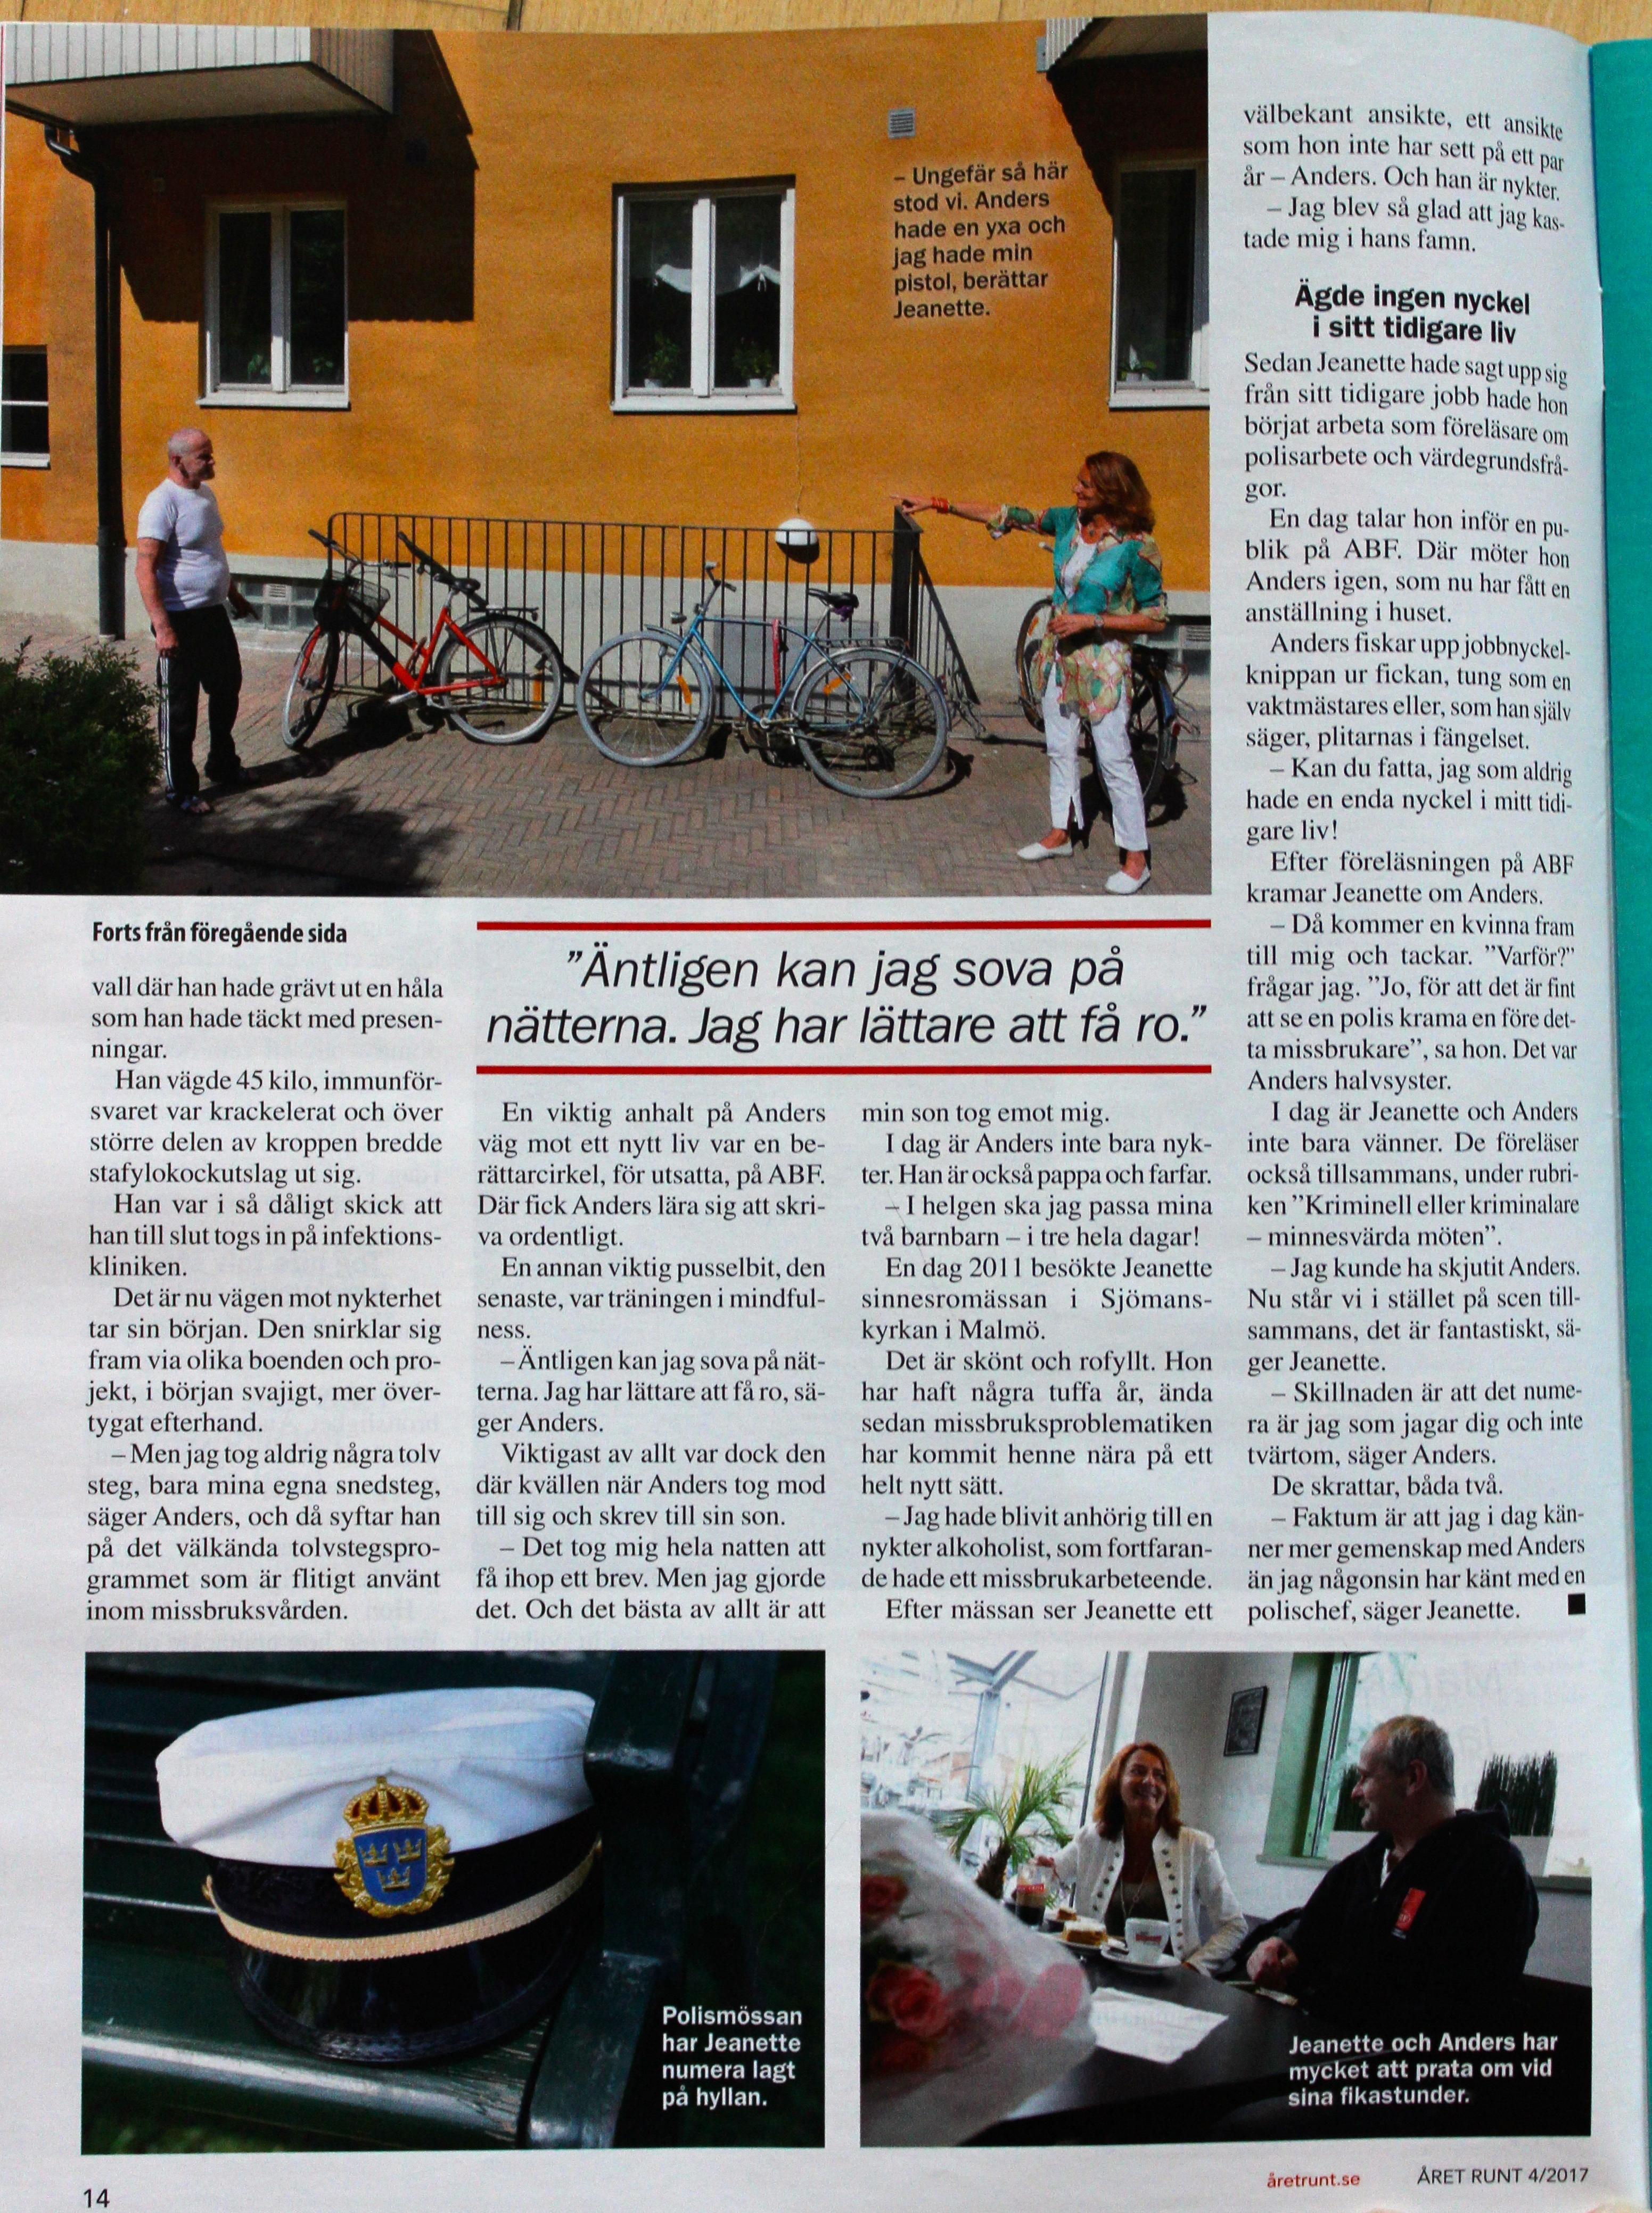 ÅRET RUNT, Nr 4, 19 januari 2017. Tredje sidan.